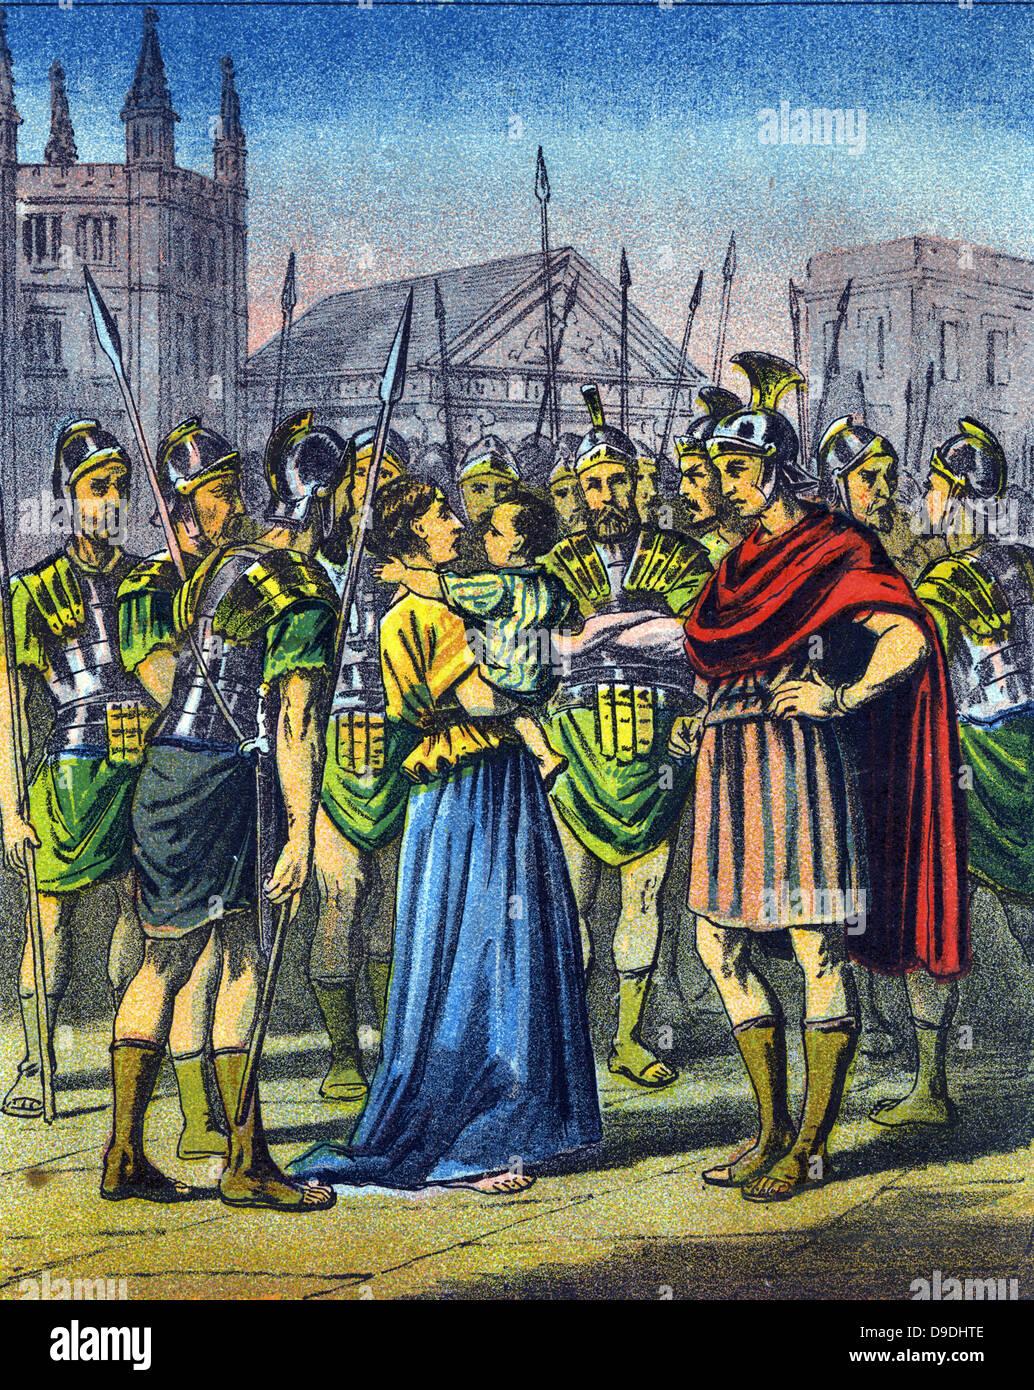 Le harcèlement et la persécution des chrétiens dans l'Empire romain au 4ème siècle.. Photo Stock